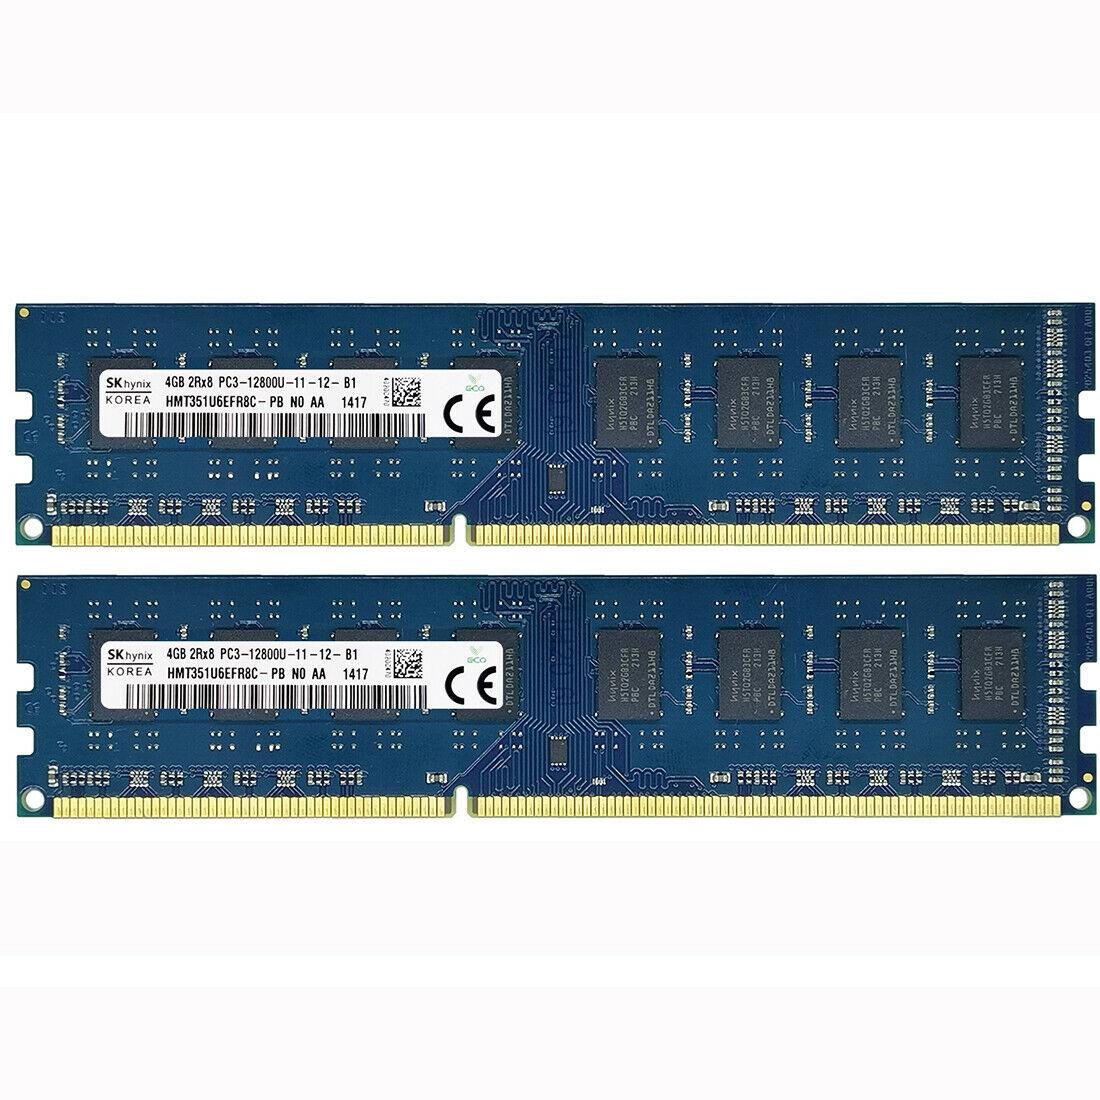 Hynix 8 Гб комплект 2X4GB DDR3-1600MHZ 1333 МГц PC3-12800U PC3-10600U 240PIN DIMM настольных компьютеров Оперативная память 1,5 в Intel и AMD Совместимость